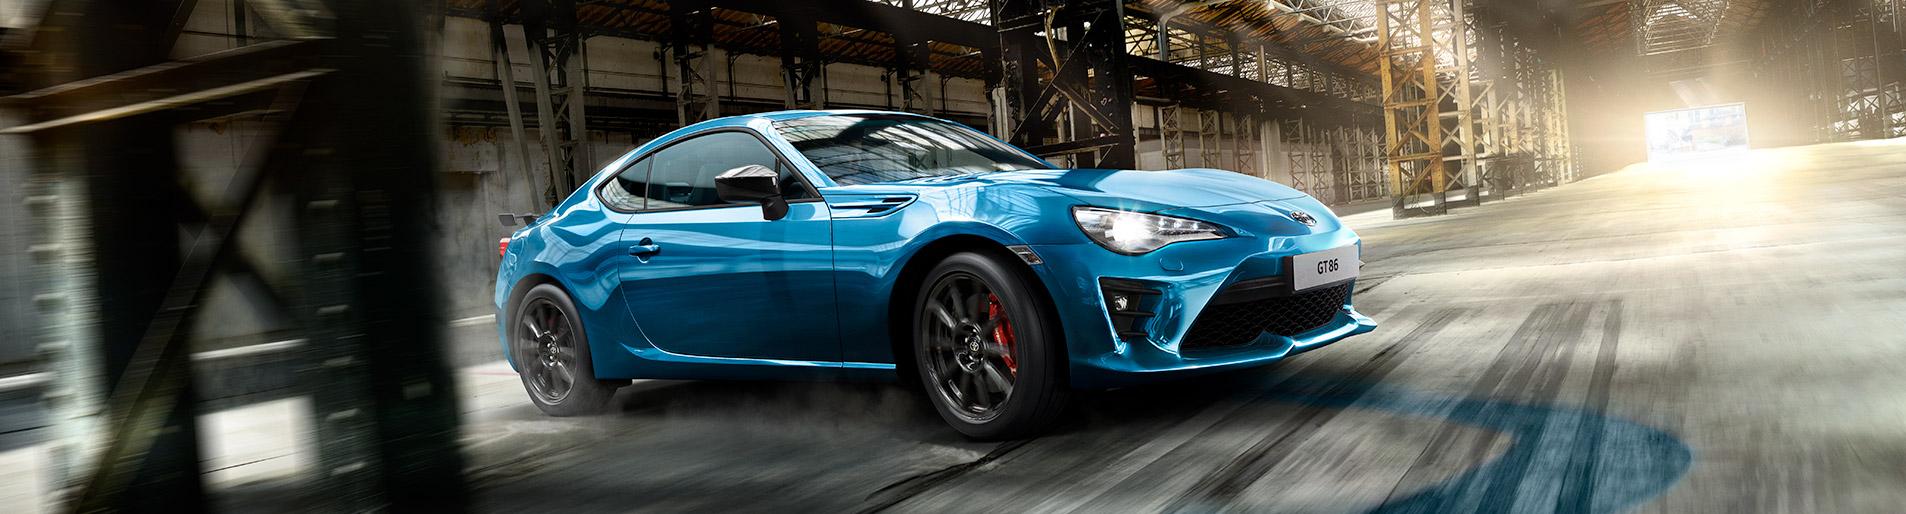 Toyota GT86: Allestimenti, Versioni e Motorizzazioni